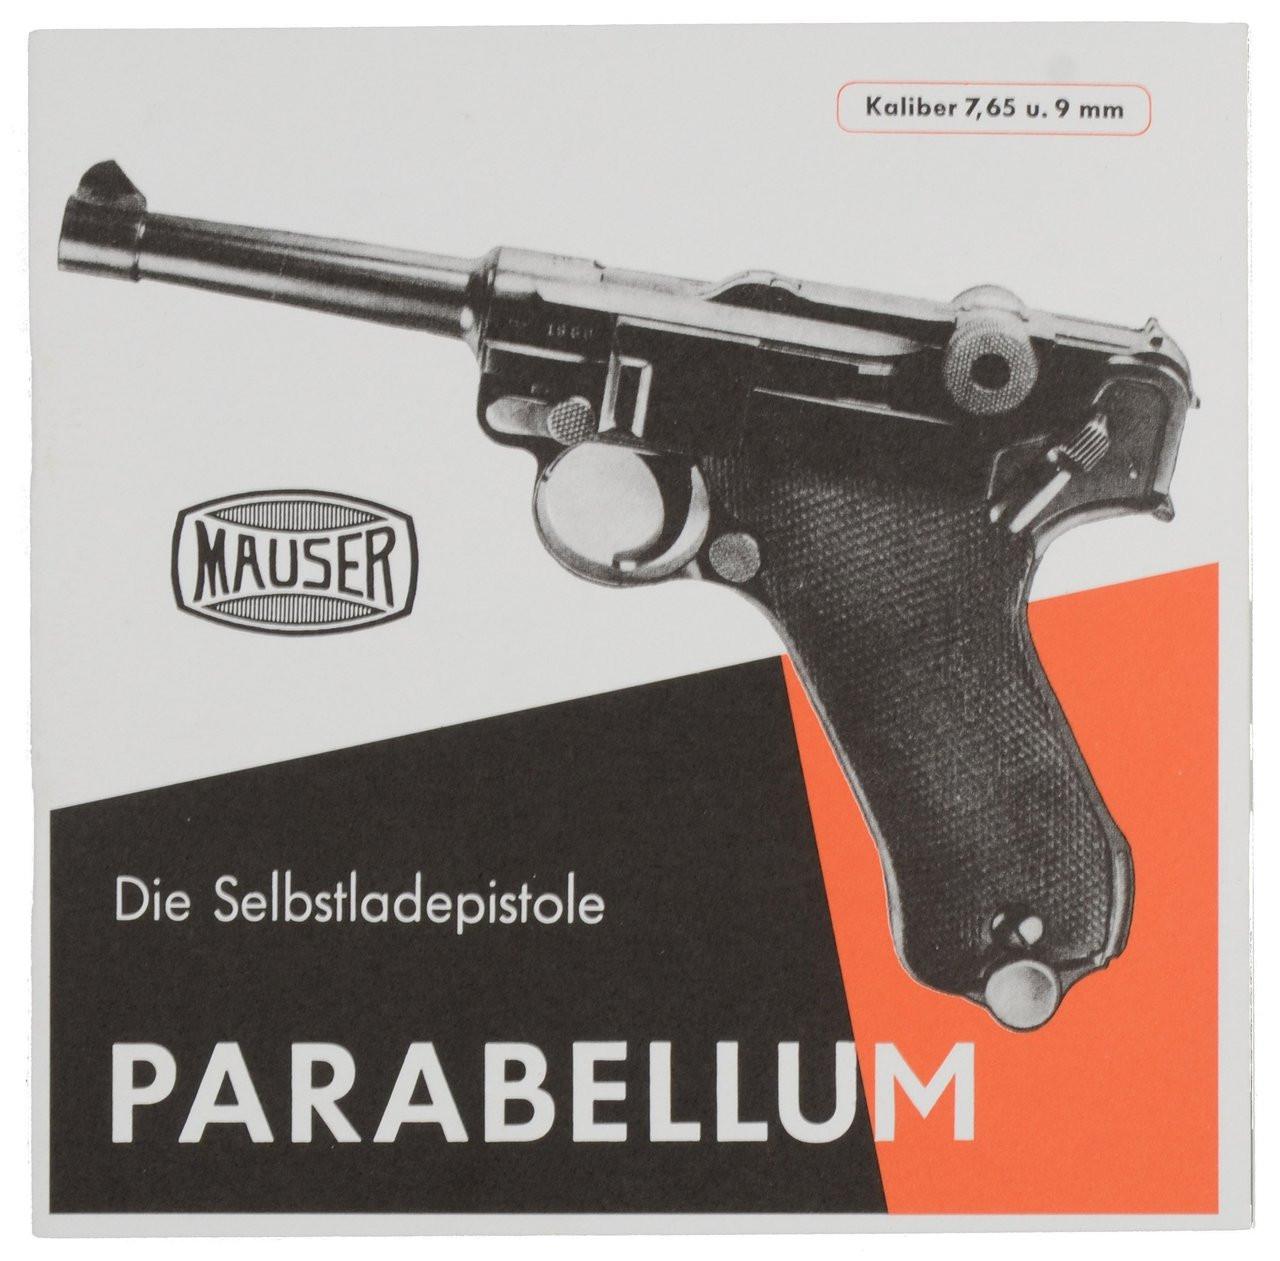 Mauser Die Selbstladepistole Parabellum